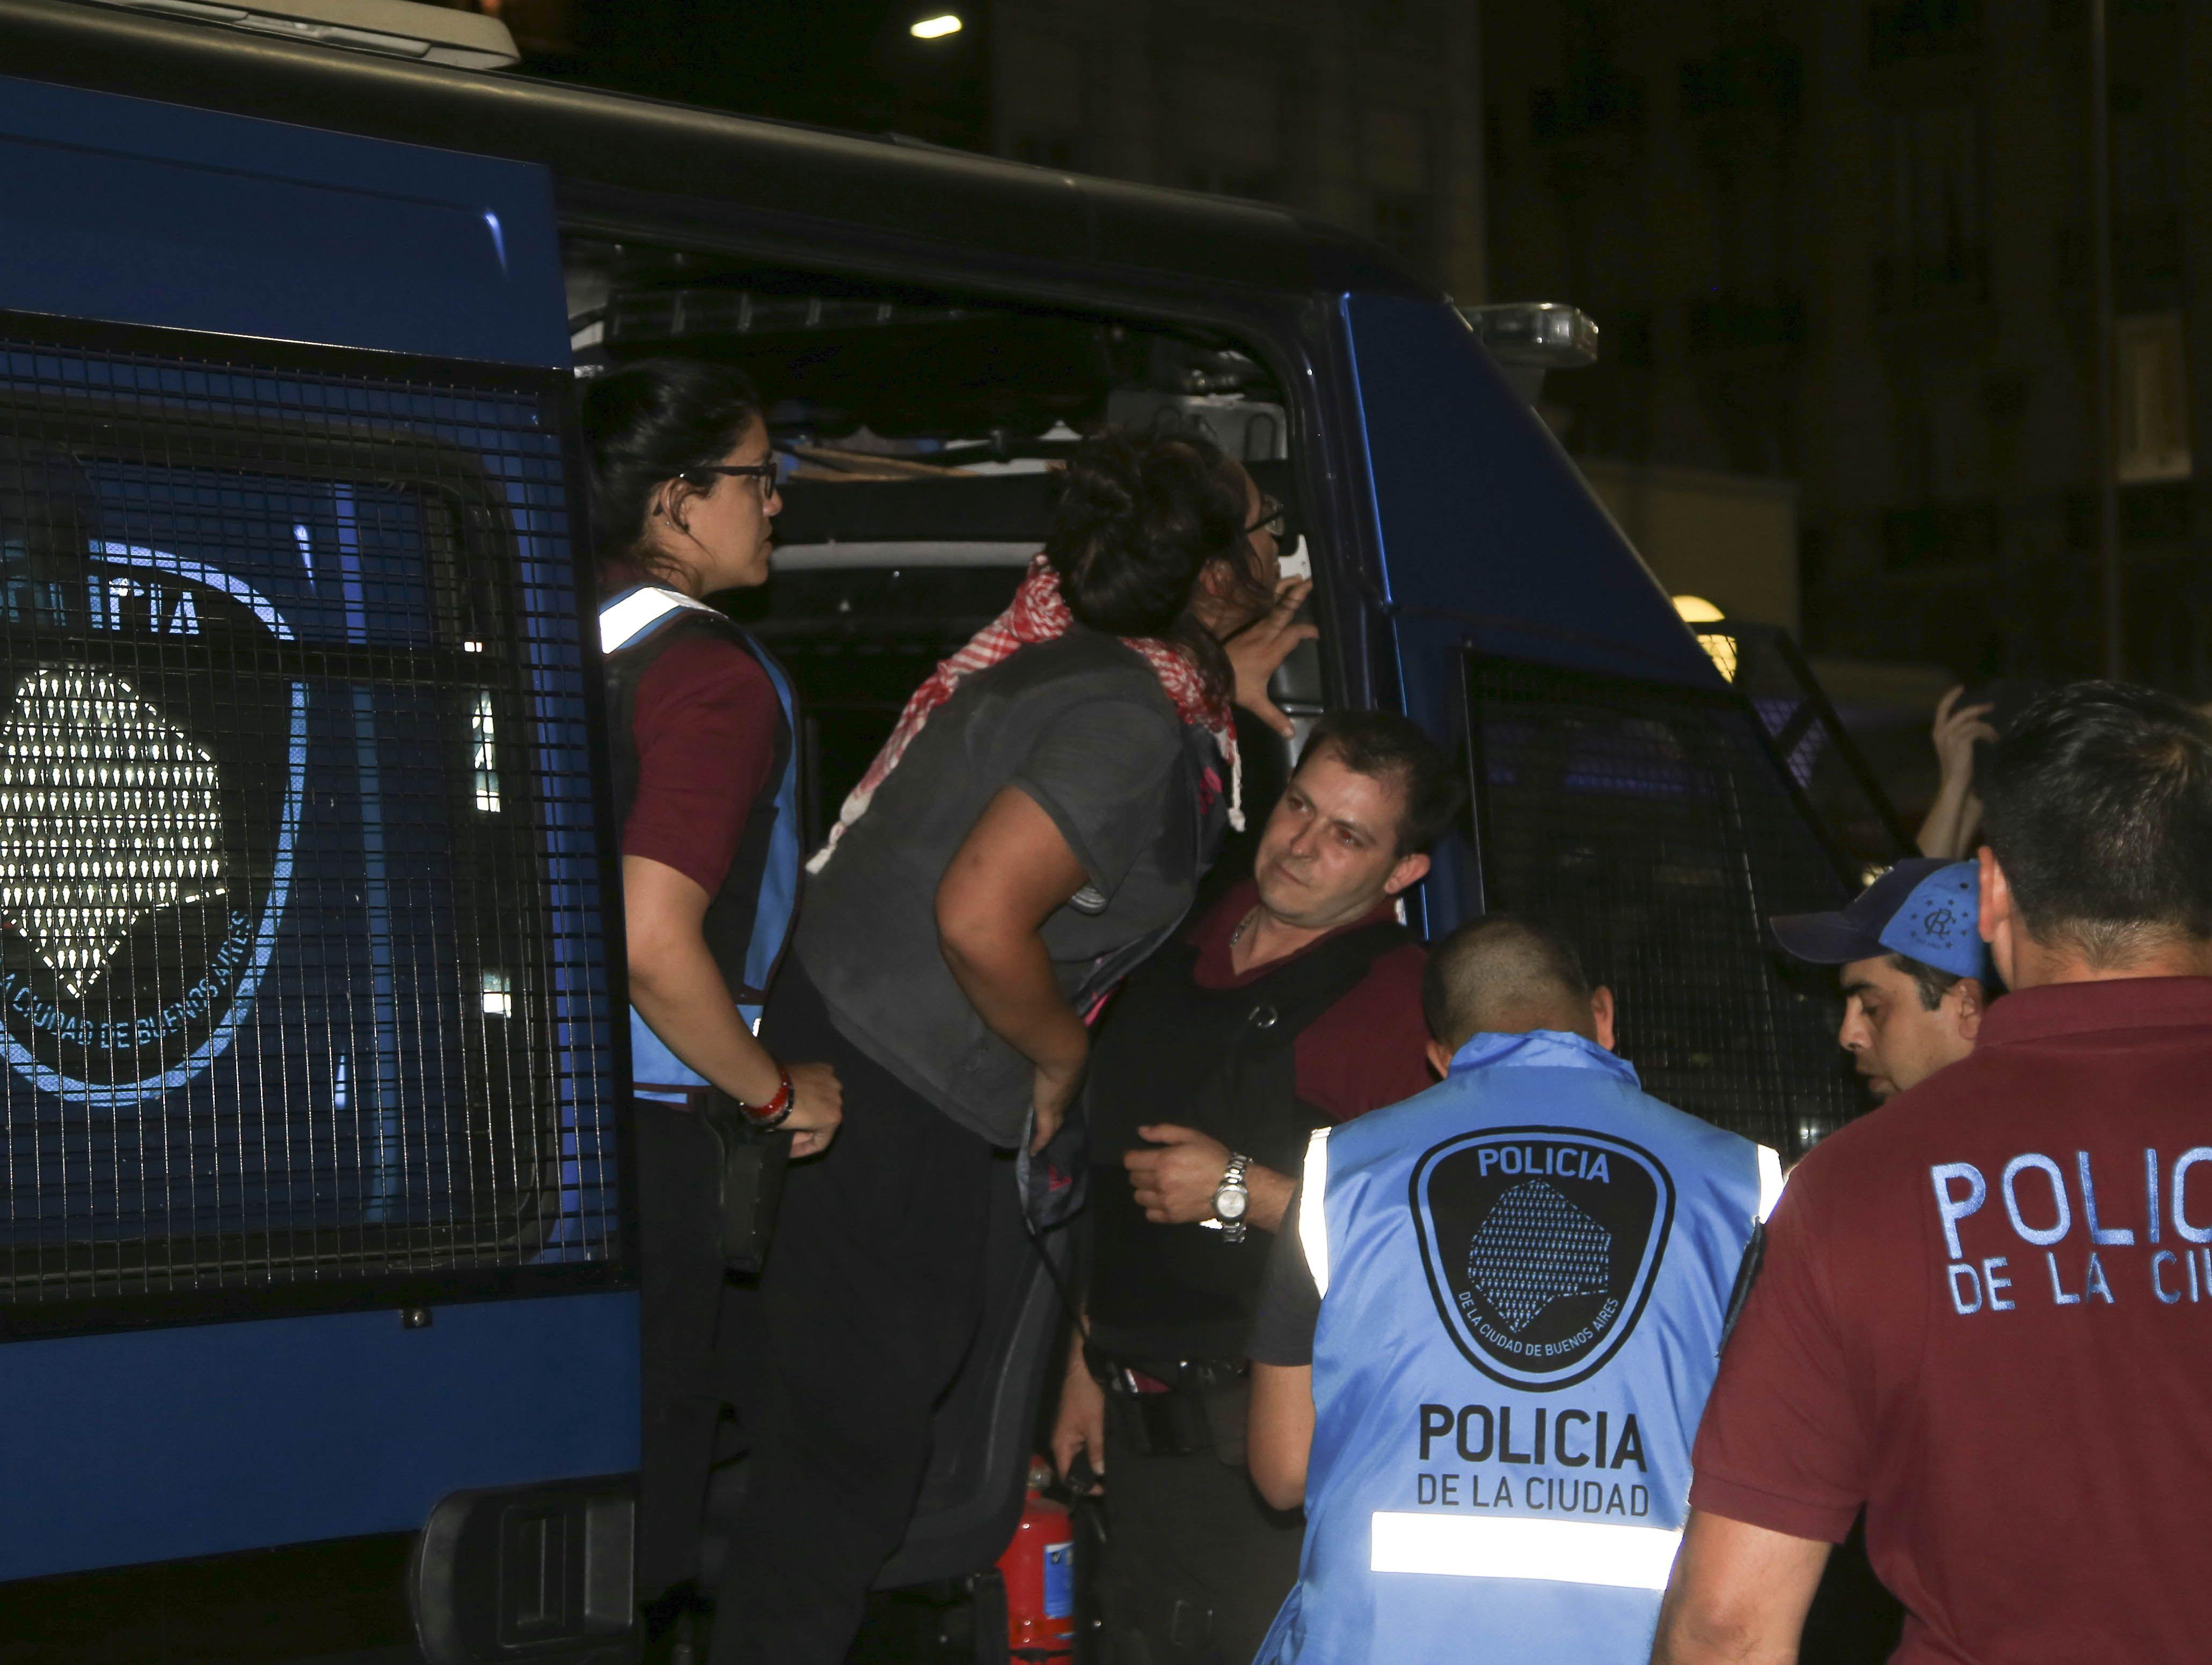 Así trasladaban a los detenidos por la Policía de la Ciudad